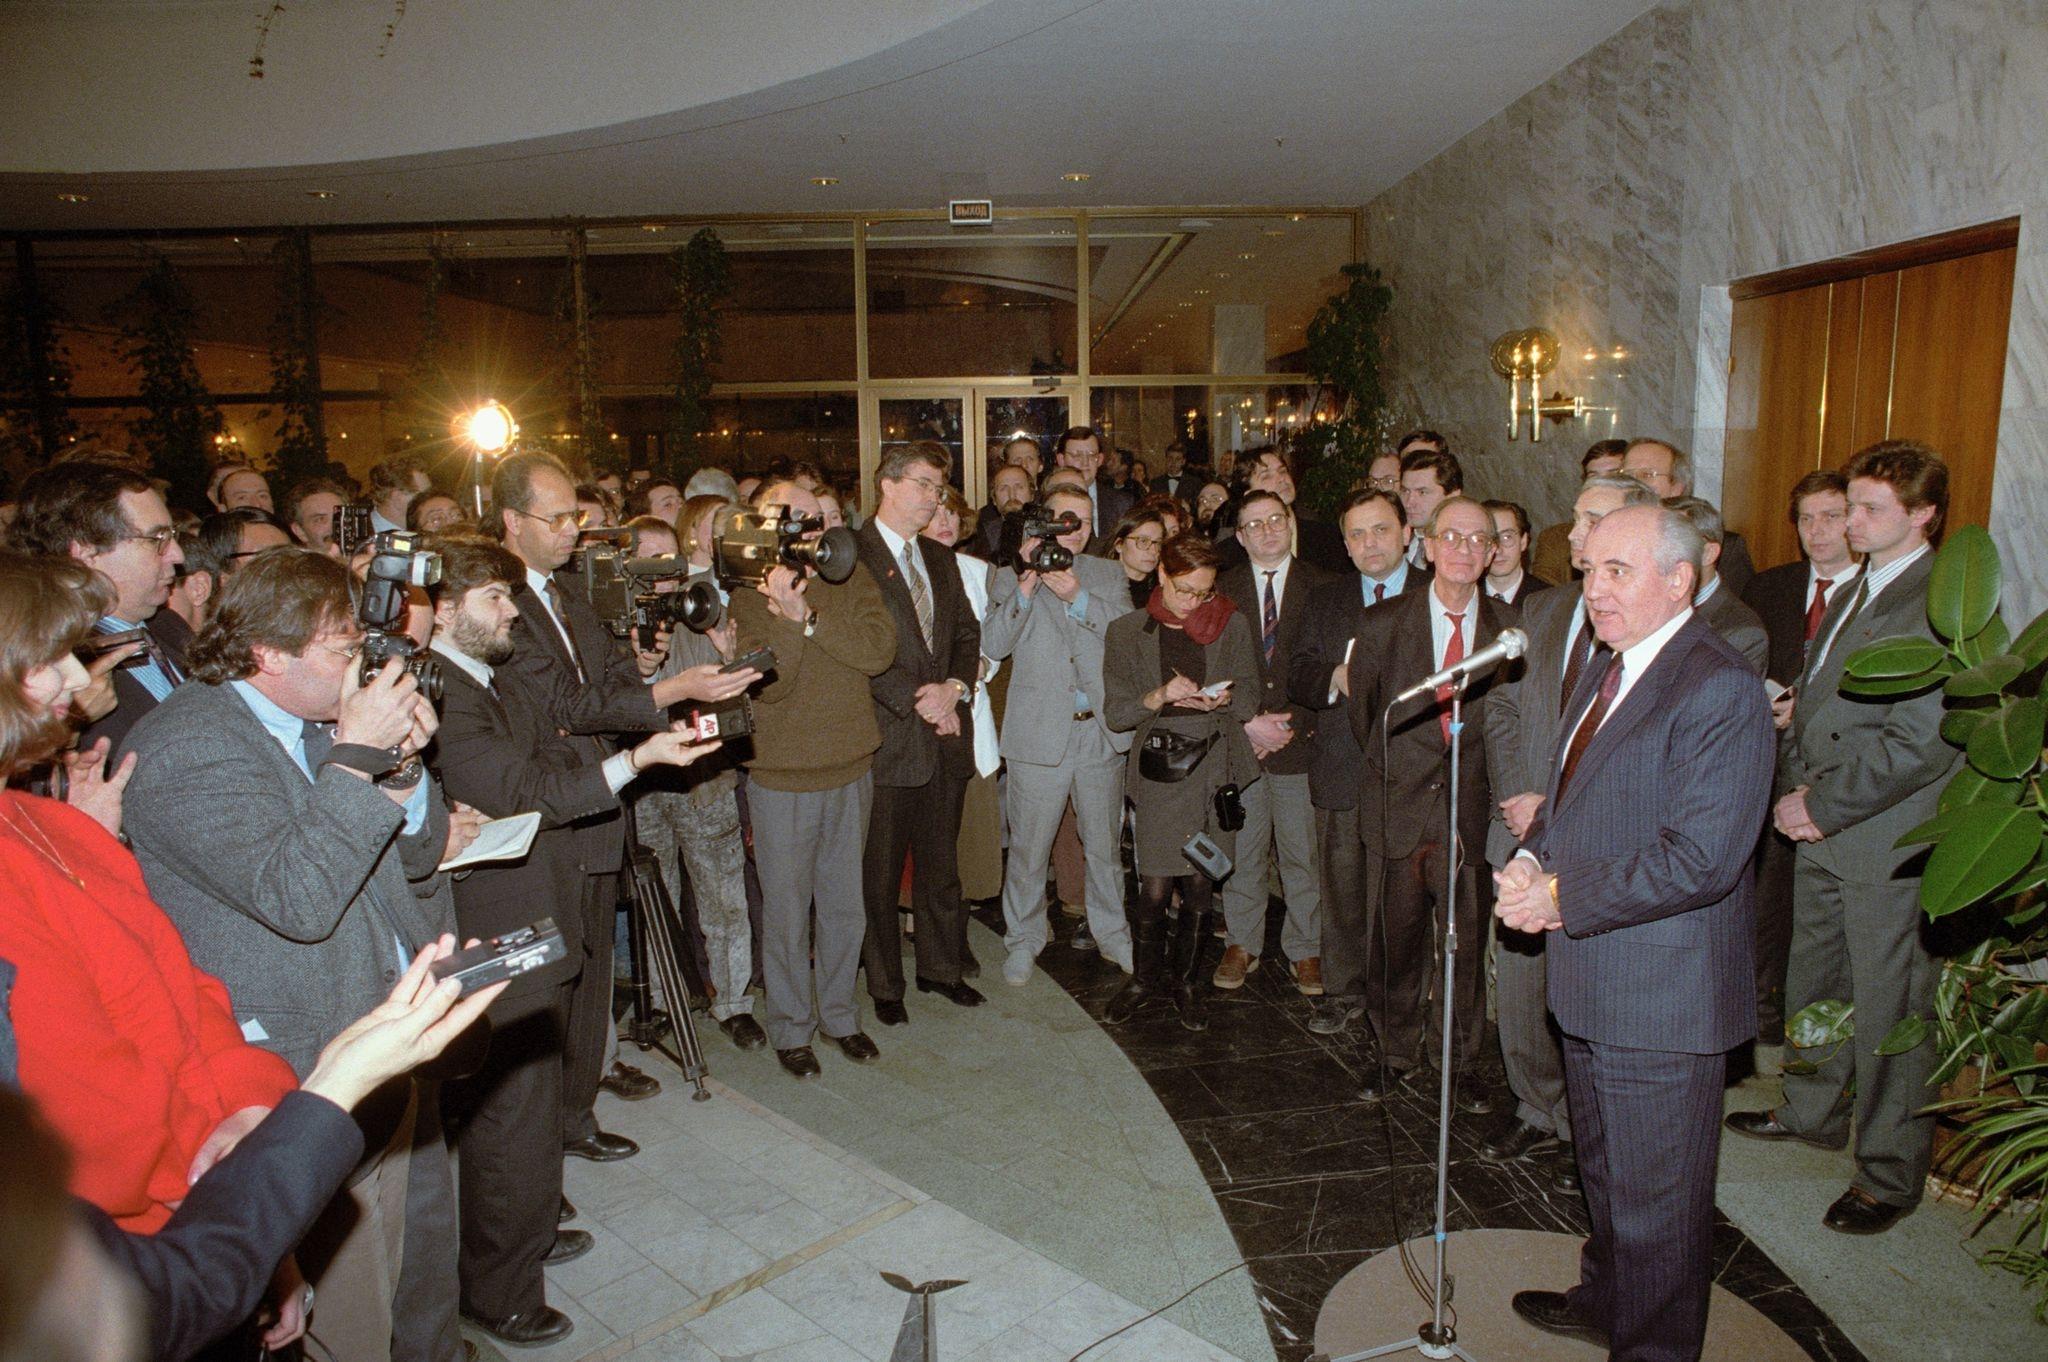 Бывший президент СССР Михаил Сергеевич Горбачев проводит пресс-конференцию после объявления о своем уходе 29 декабря 1991 года